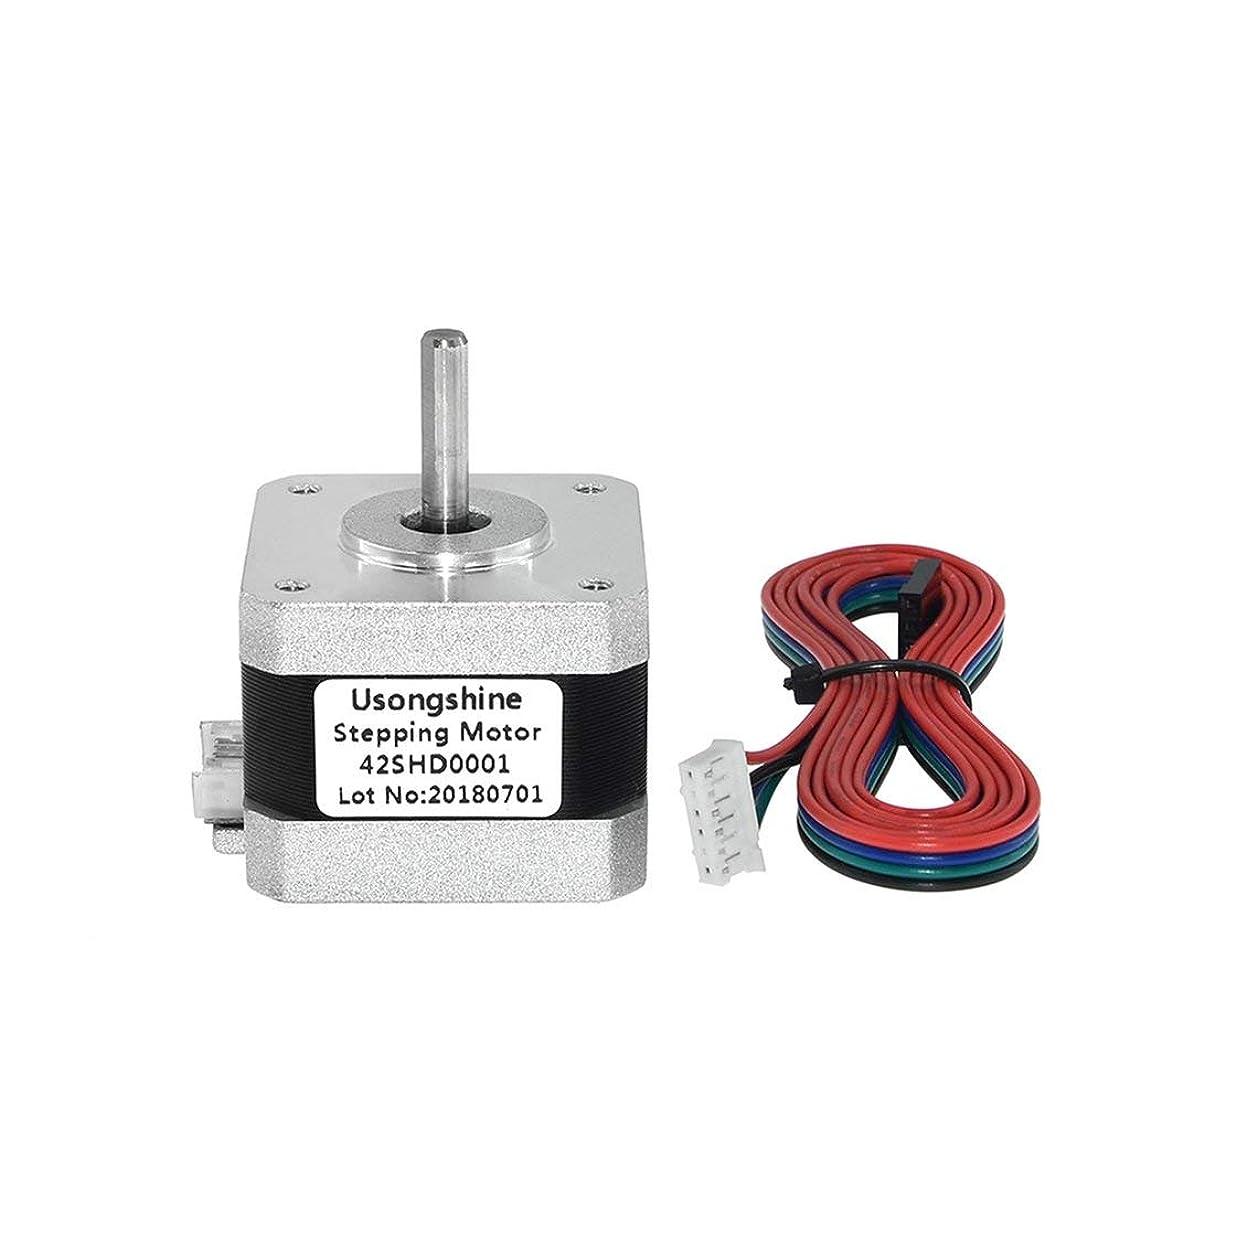 マウンド検査官避難42SHD0001 Nema 17ステッピングモーター4リードバイポーラ34mm 12V 1.5A 26Ncm 1mワイヤーCE CNCレーザーと3Dプリンターモーター3Dプリンター部品(シルバー) (Rustle666)